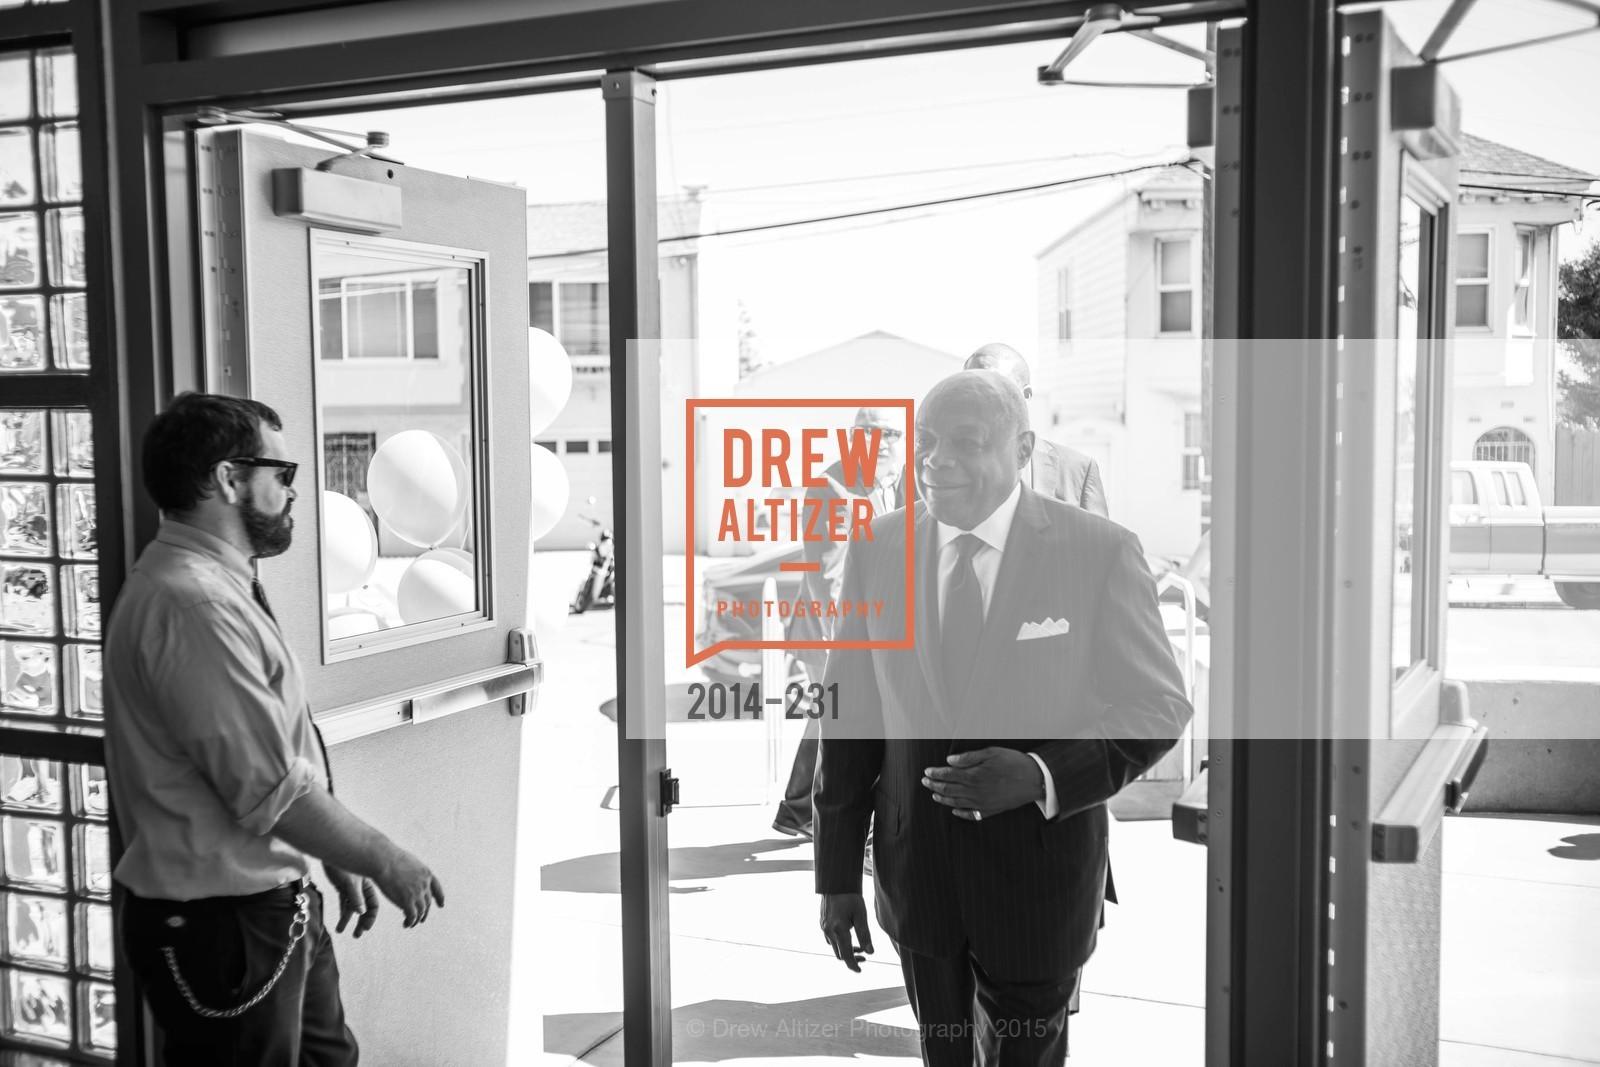 Willie Brown, Photo #2014-231